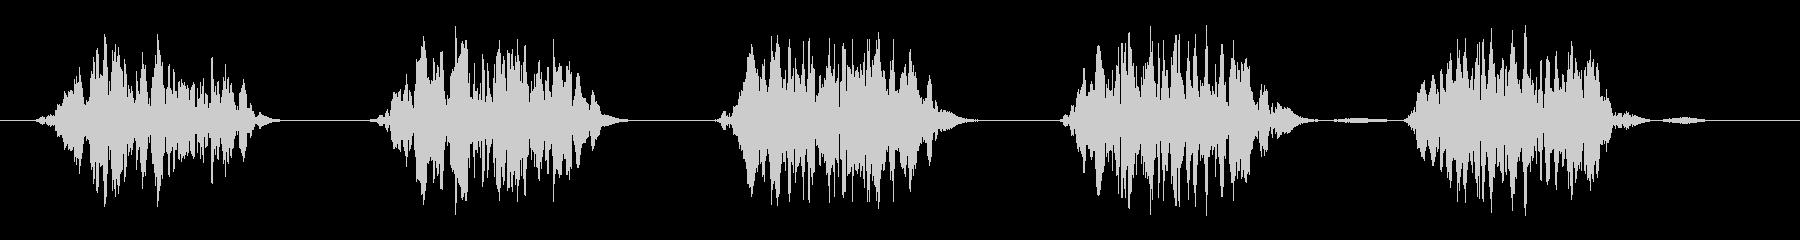 ヒュンヒュンヒュン(風が舞う音)の未再生の波形